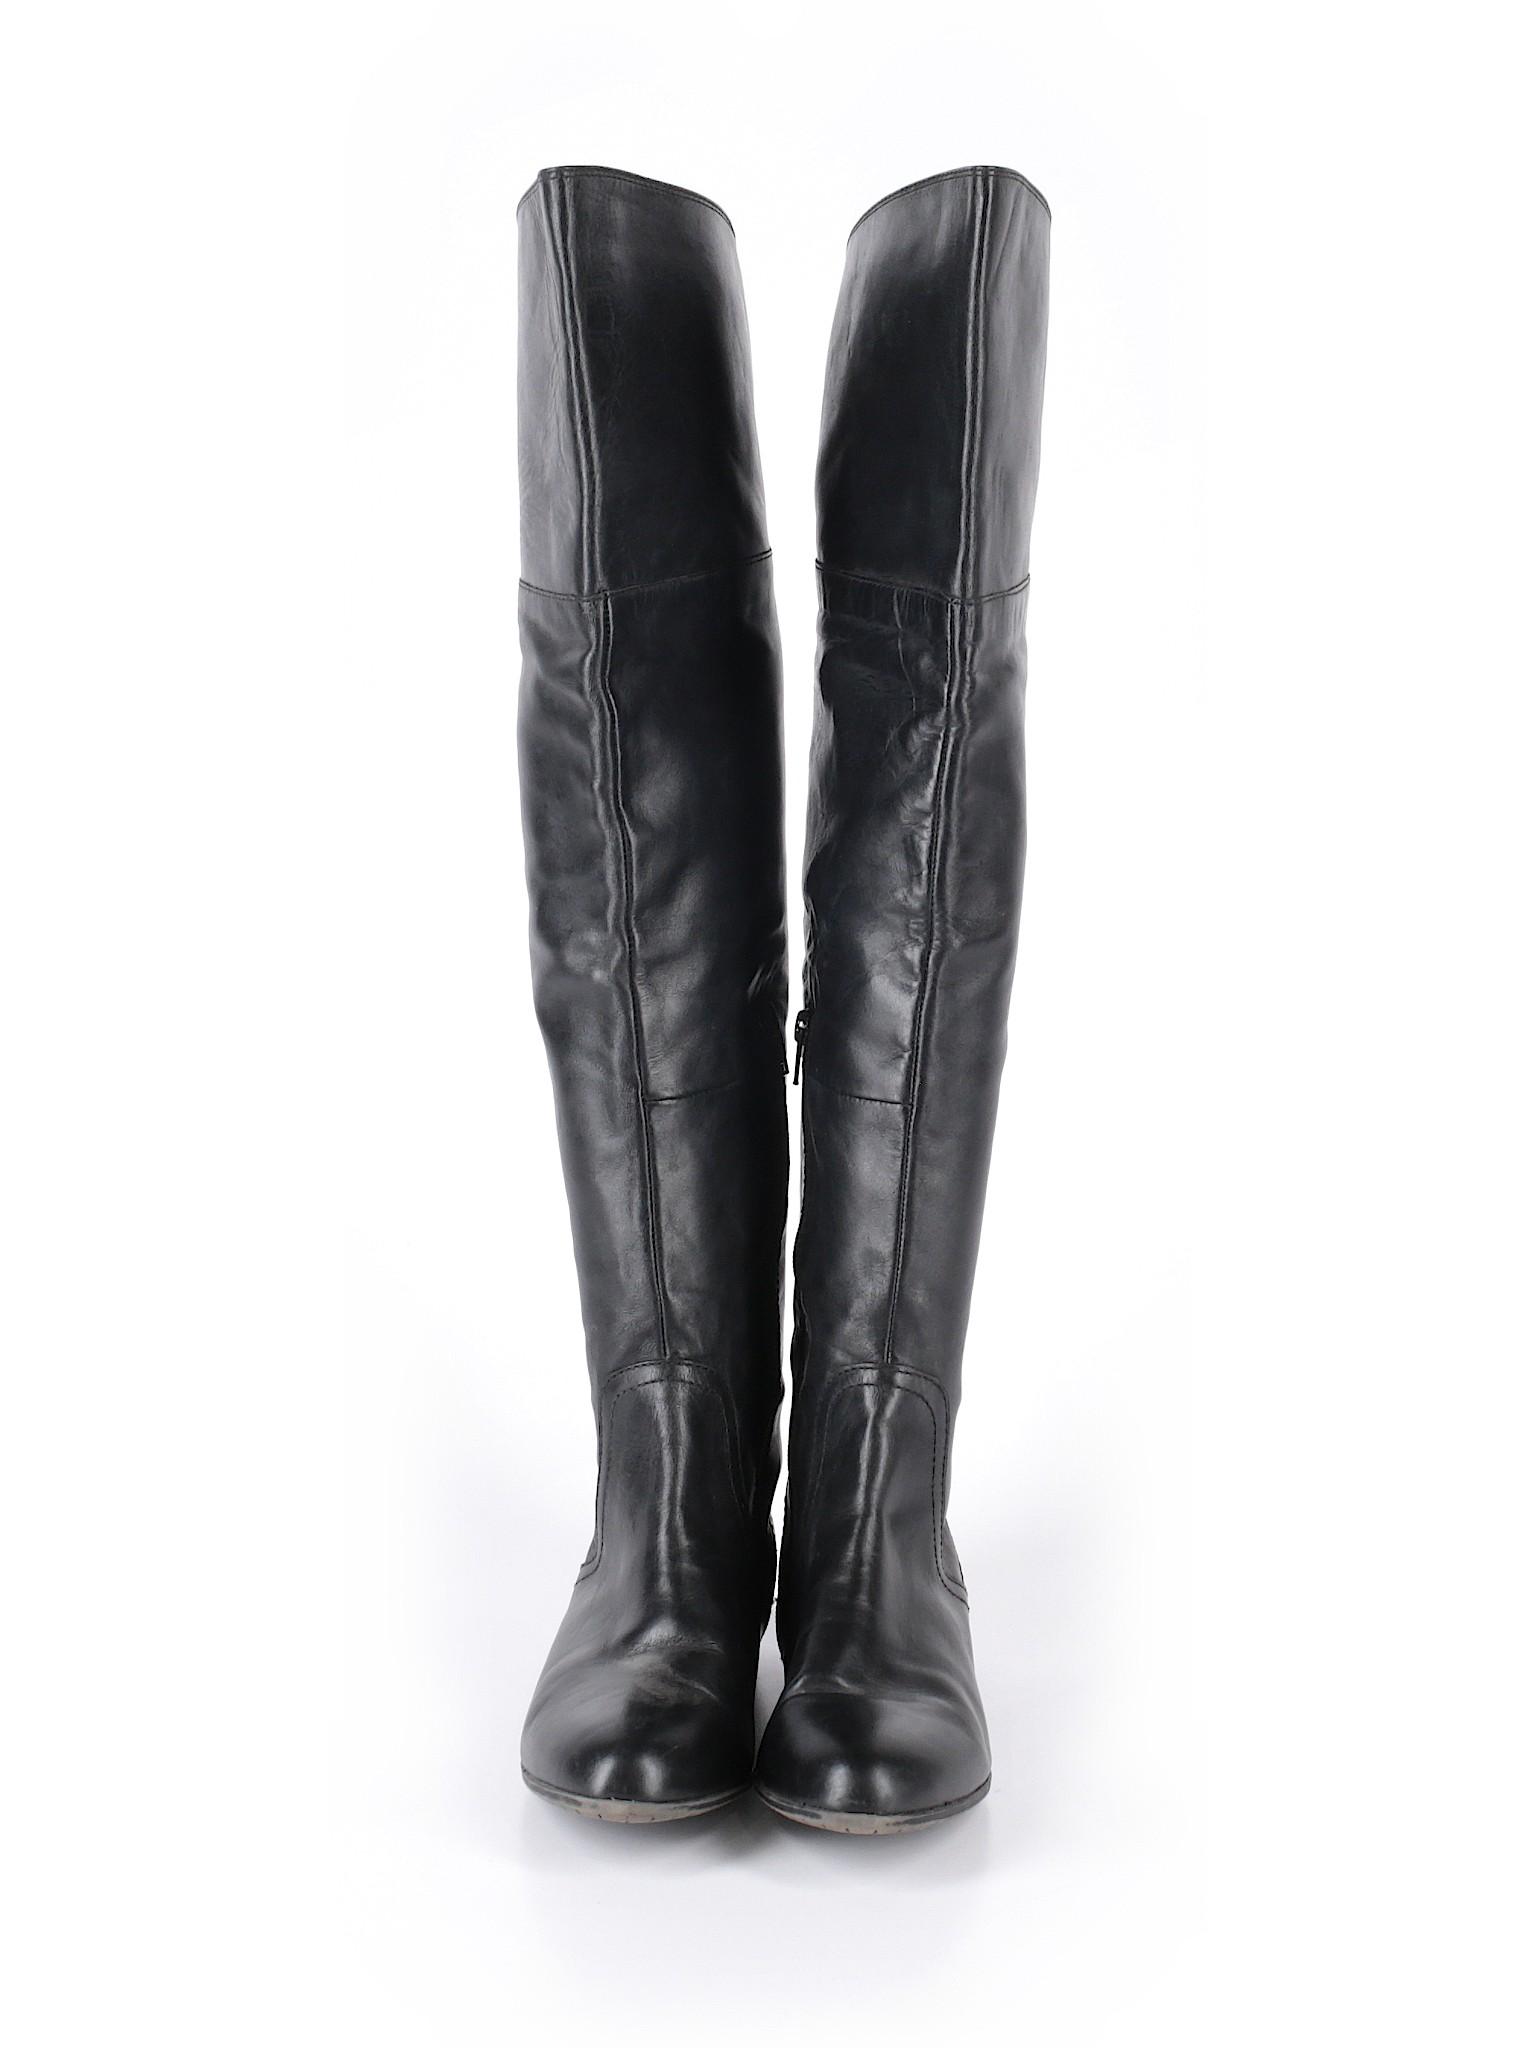 Aldo Boutique Boutique promotion promotion Boots U8axYXw